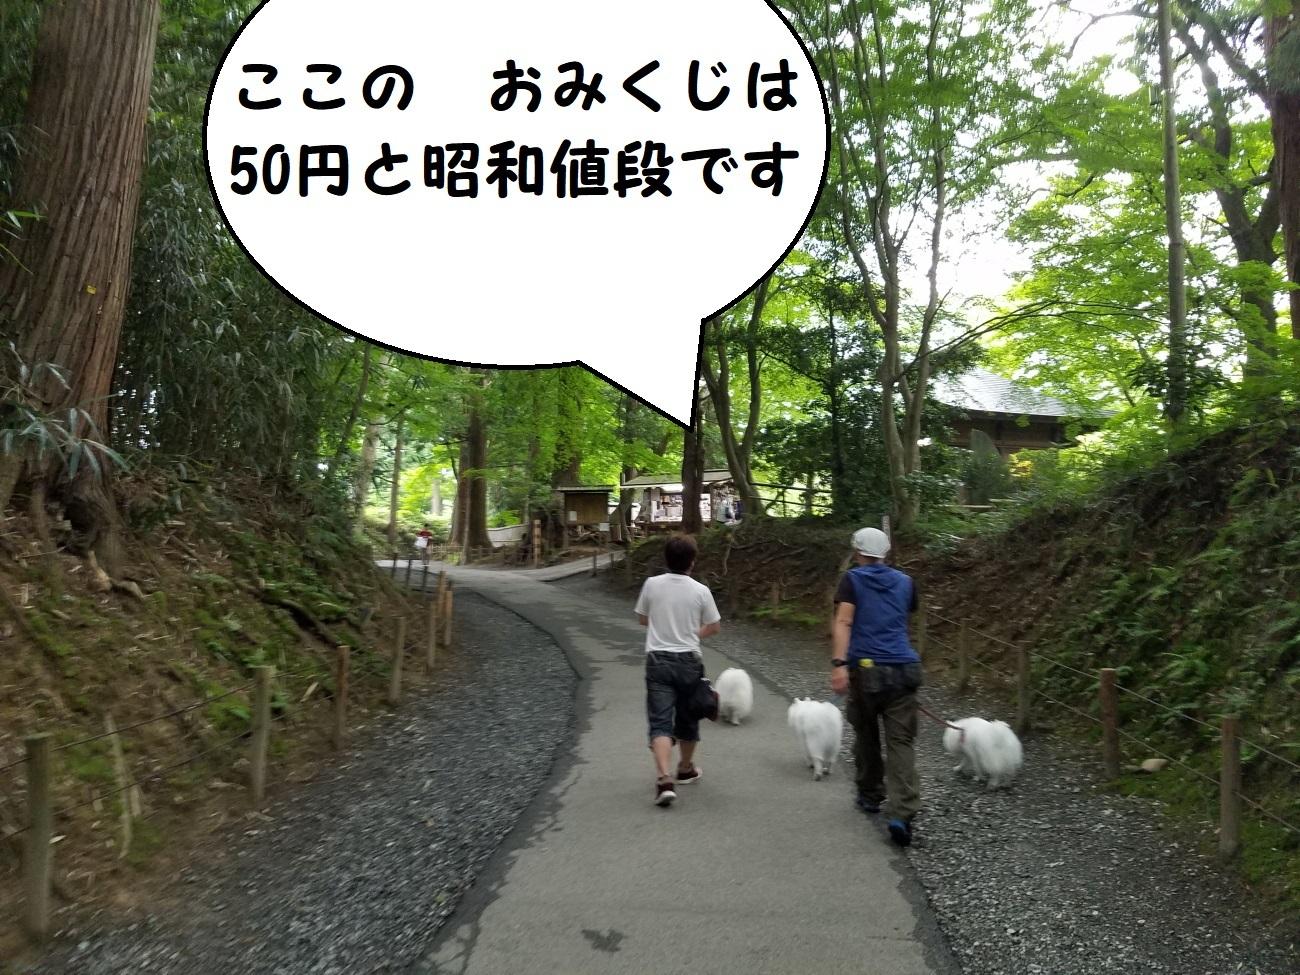 20170702_160427.jpg